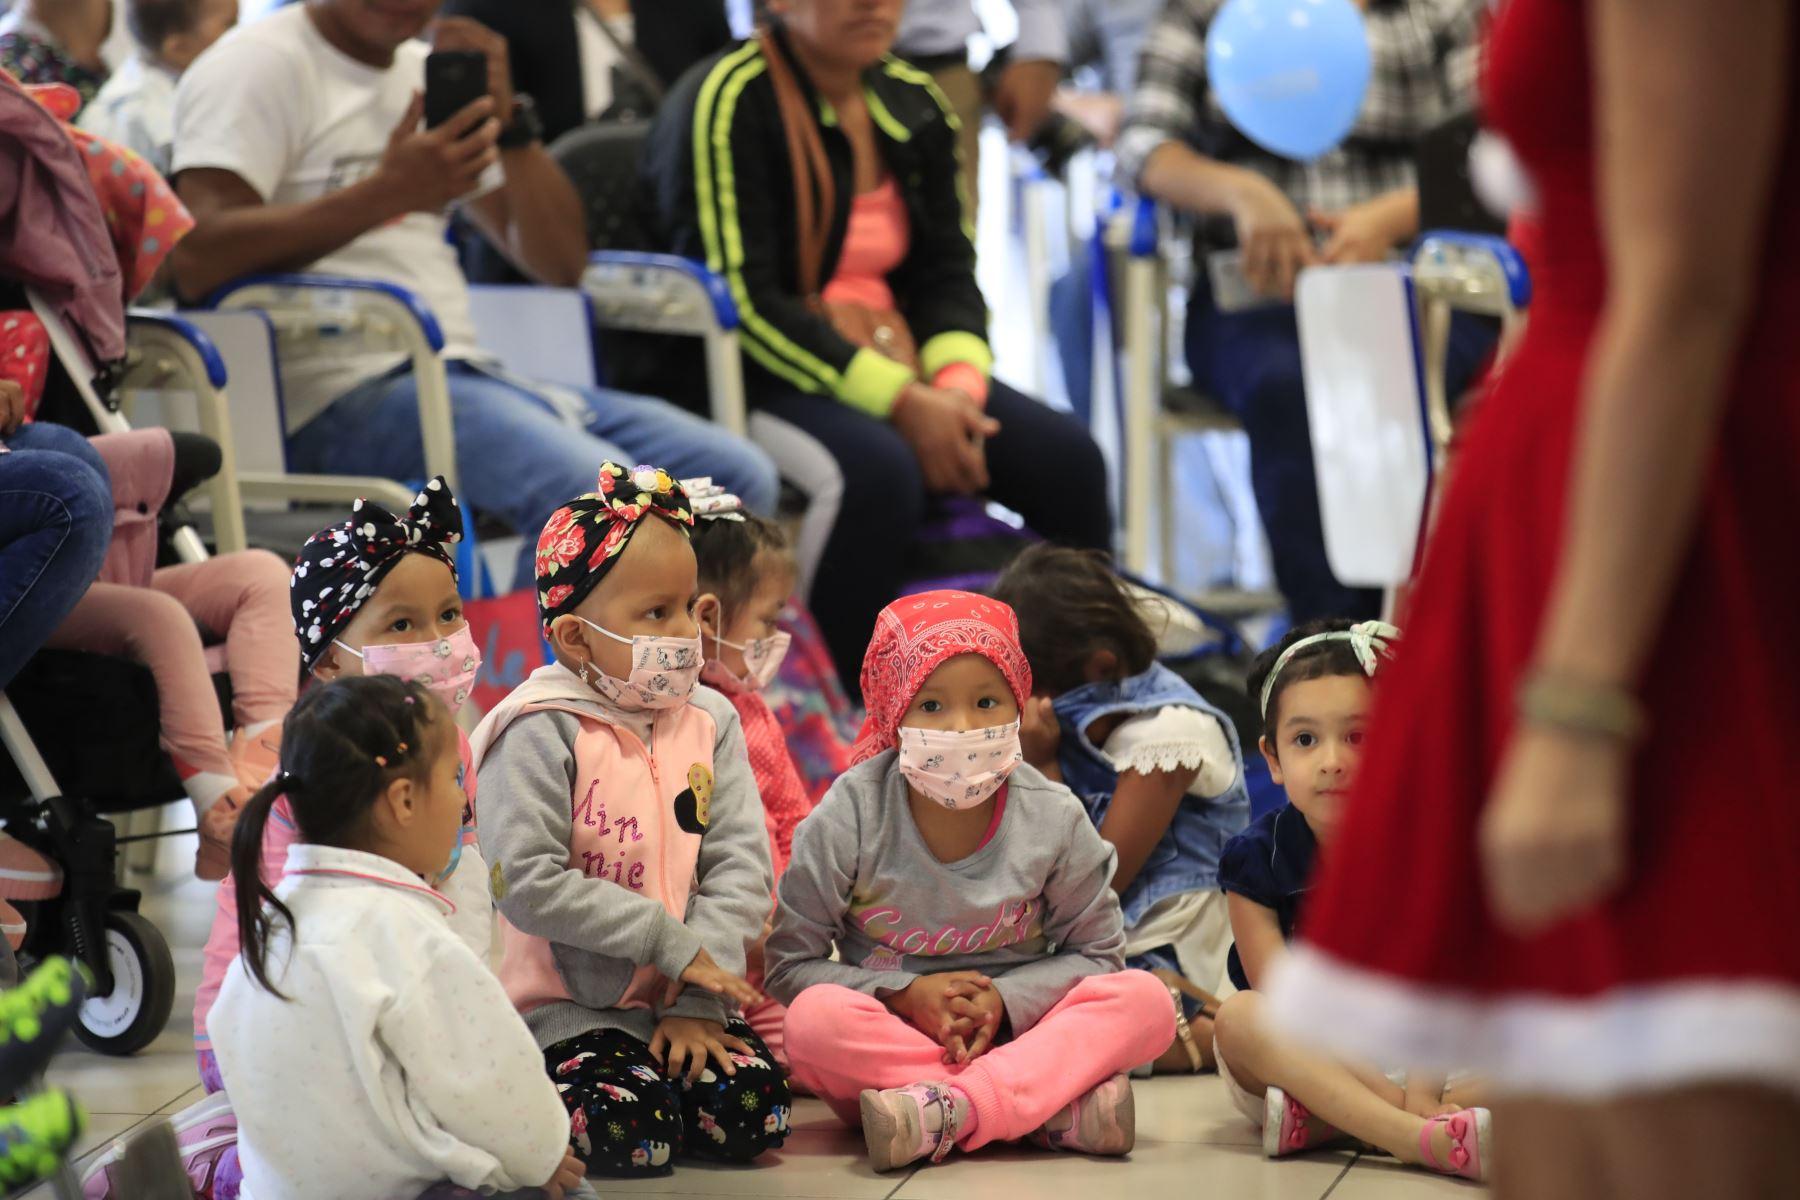 Heart Cares International agasajó a los niños y adolescentes con cardiopatías  congénitas que serán sometidos a cirugías al corazón en el Hospital del Niño.  Foto: ANDINA/Juan Carlos Guzmán Negrini.